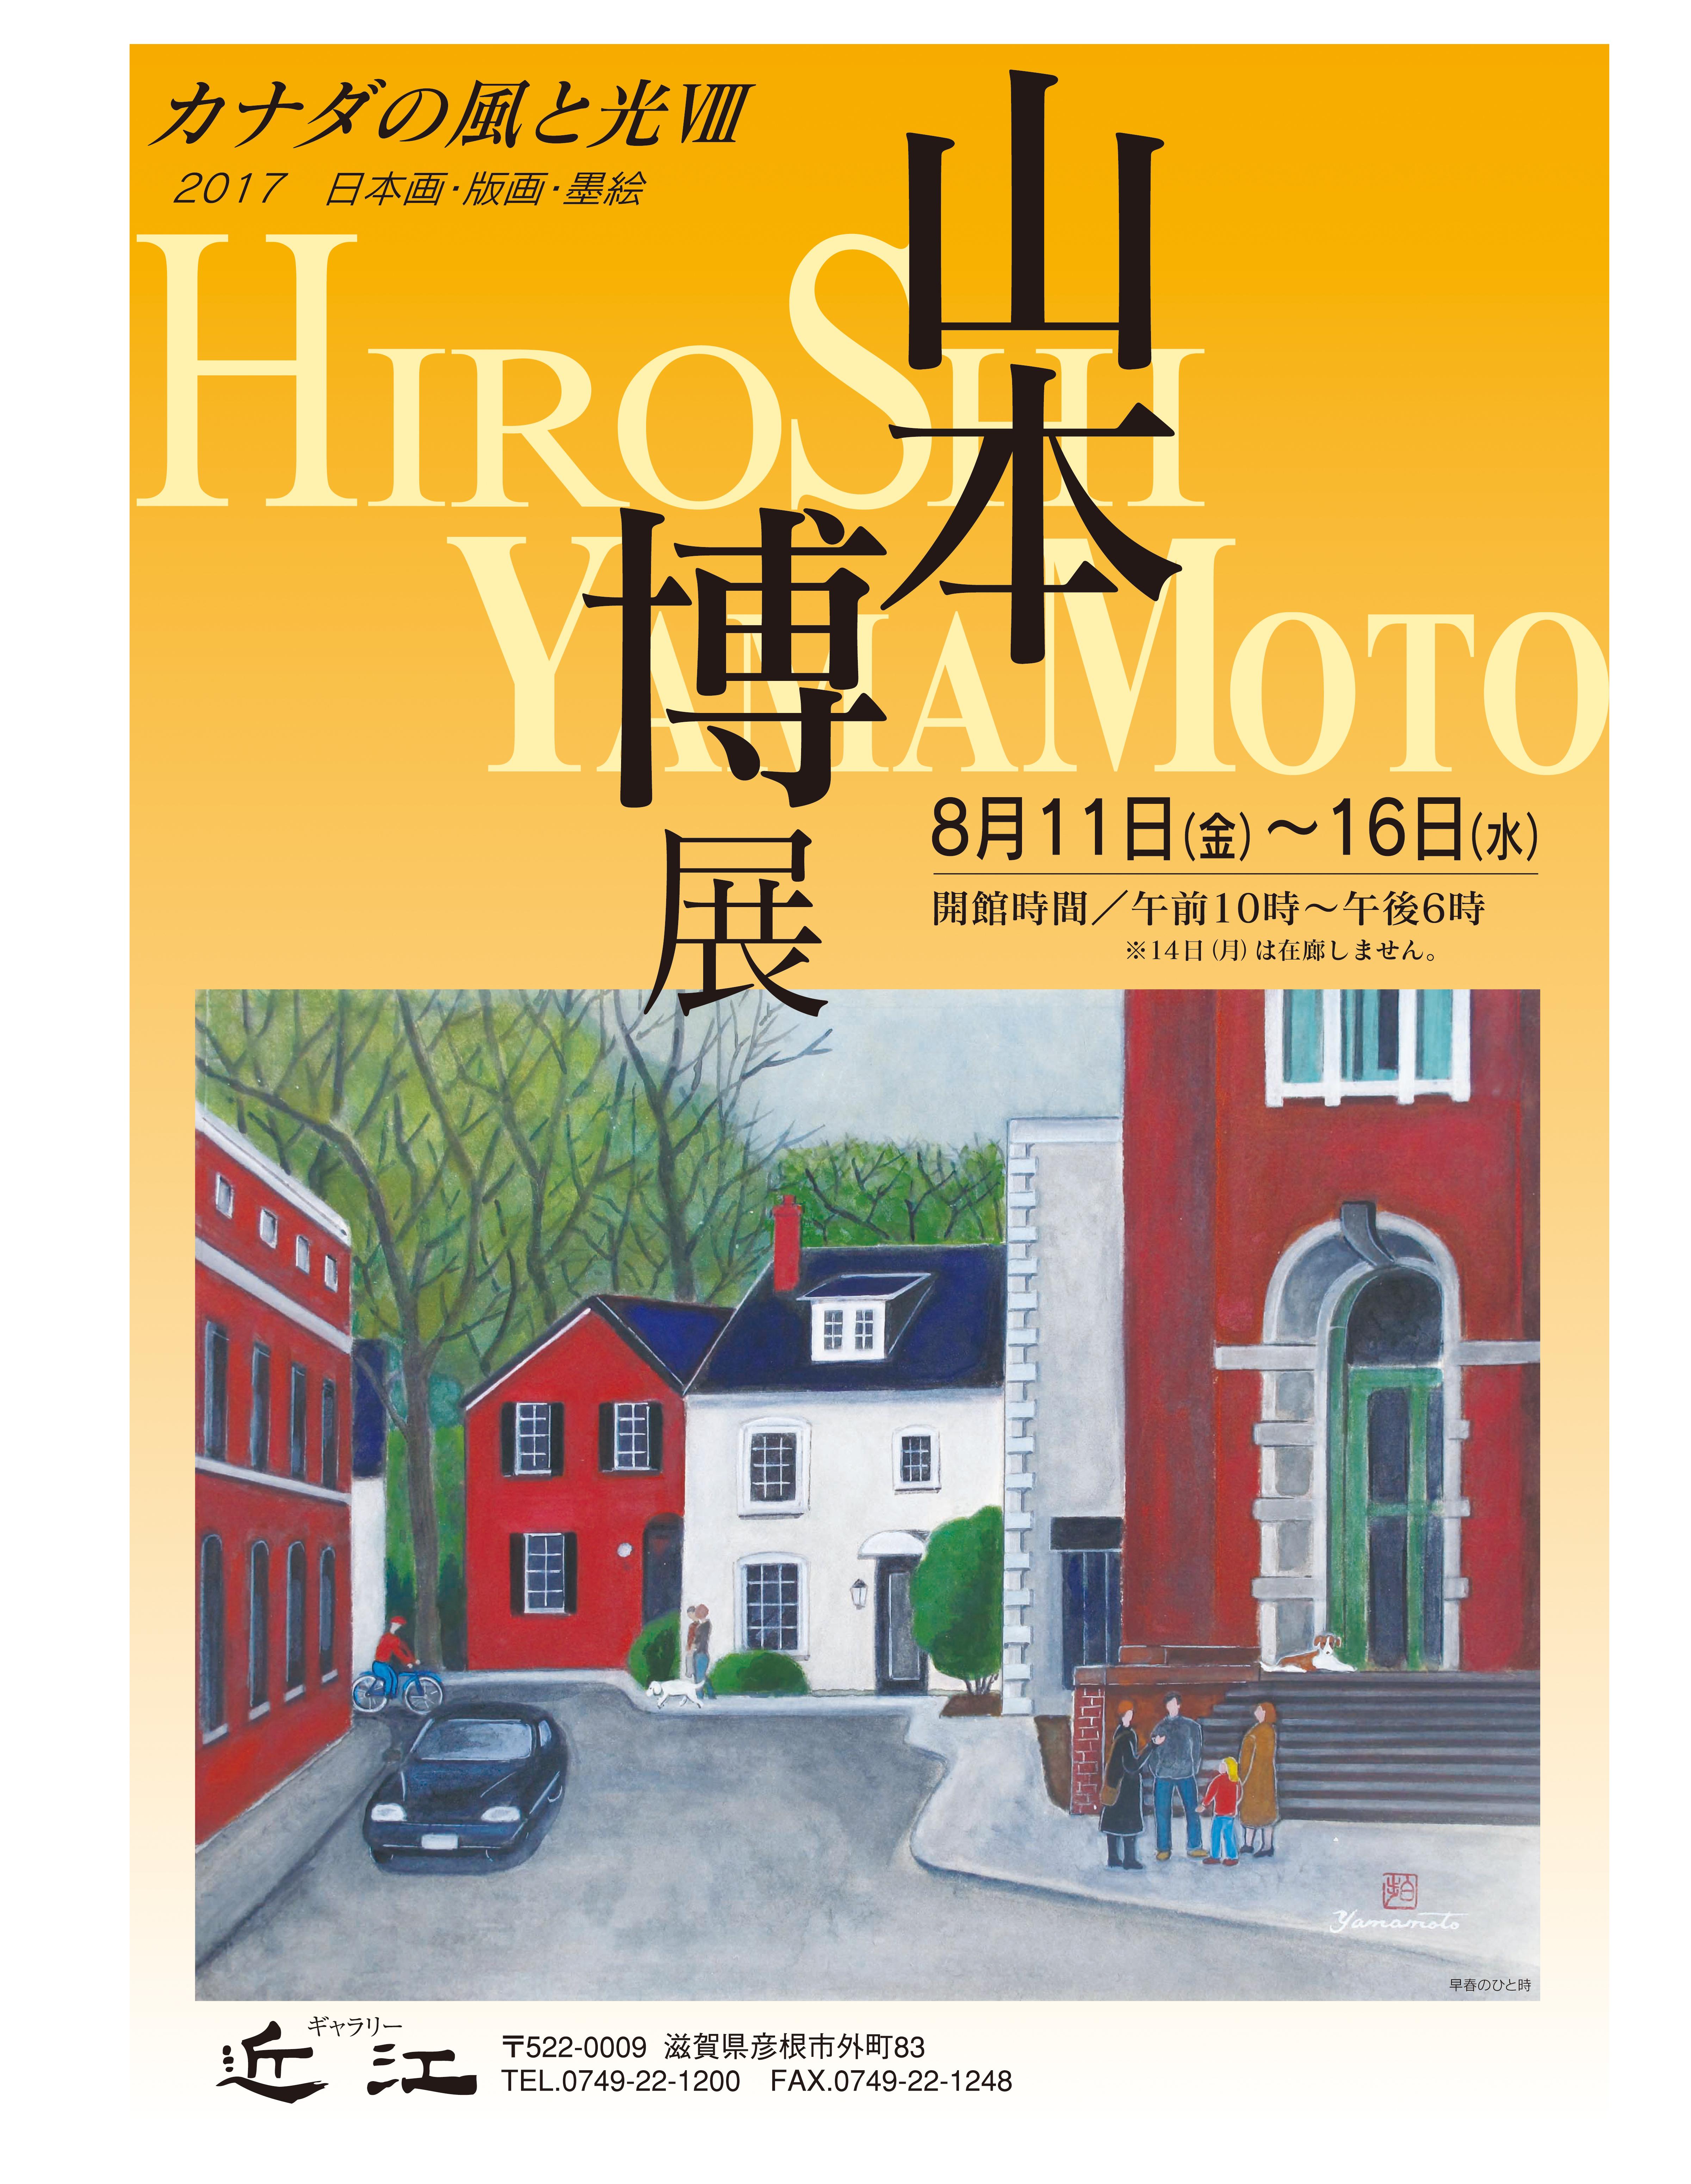 Hiroshi Yamamoto - Ohmi Gallery Aug 11-16 2017